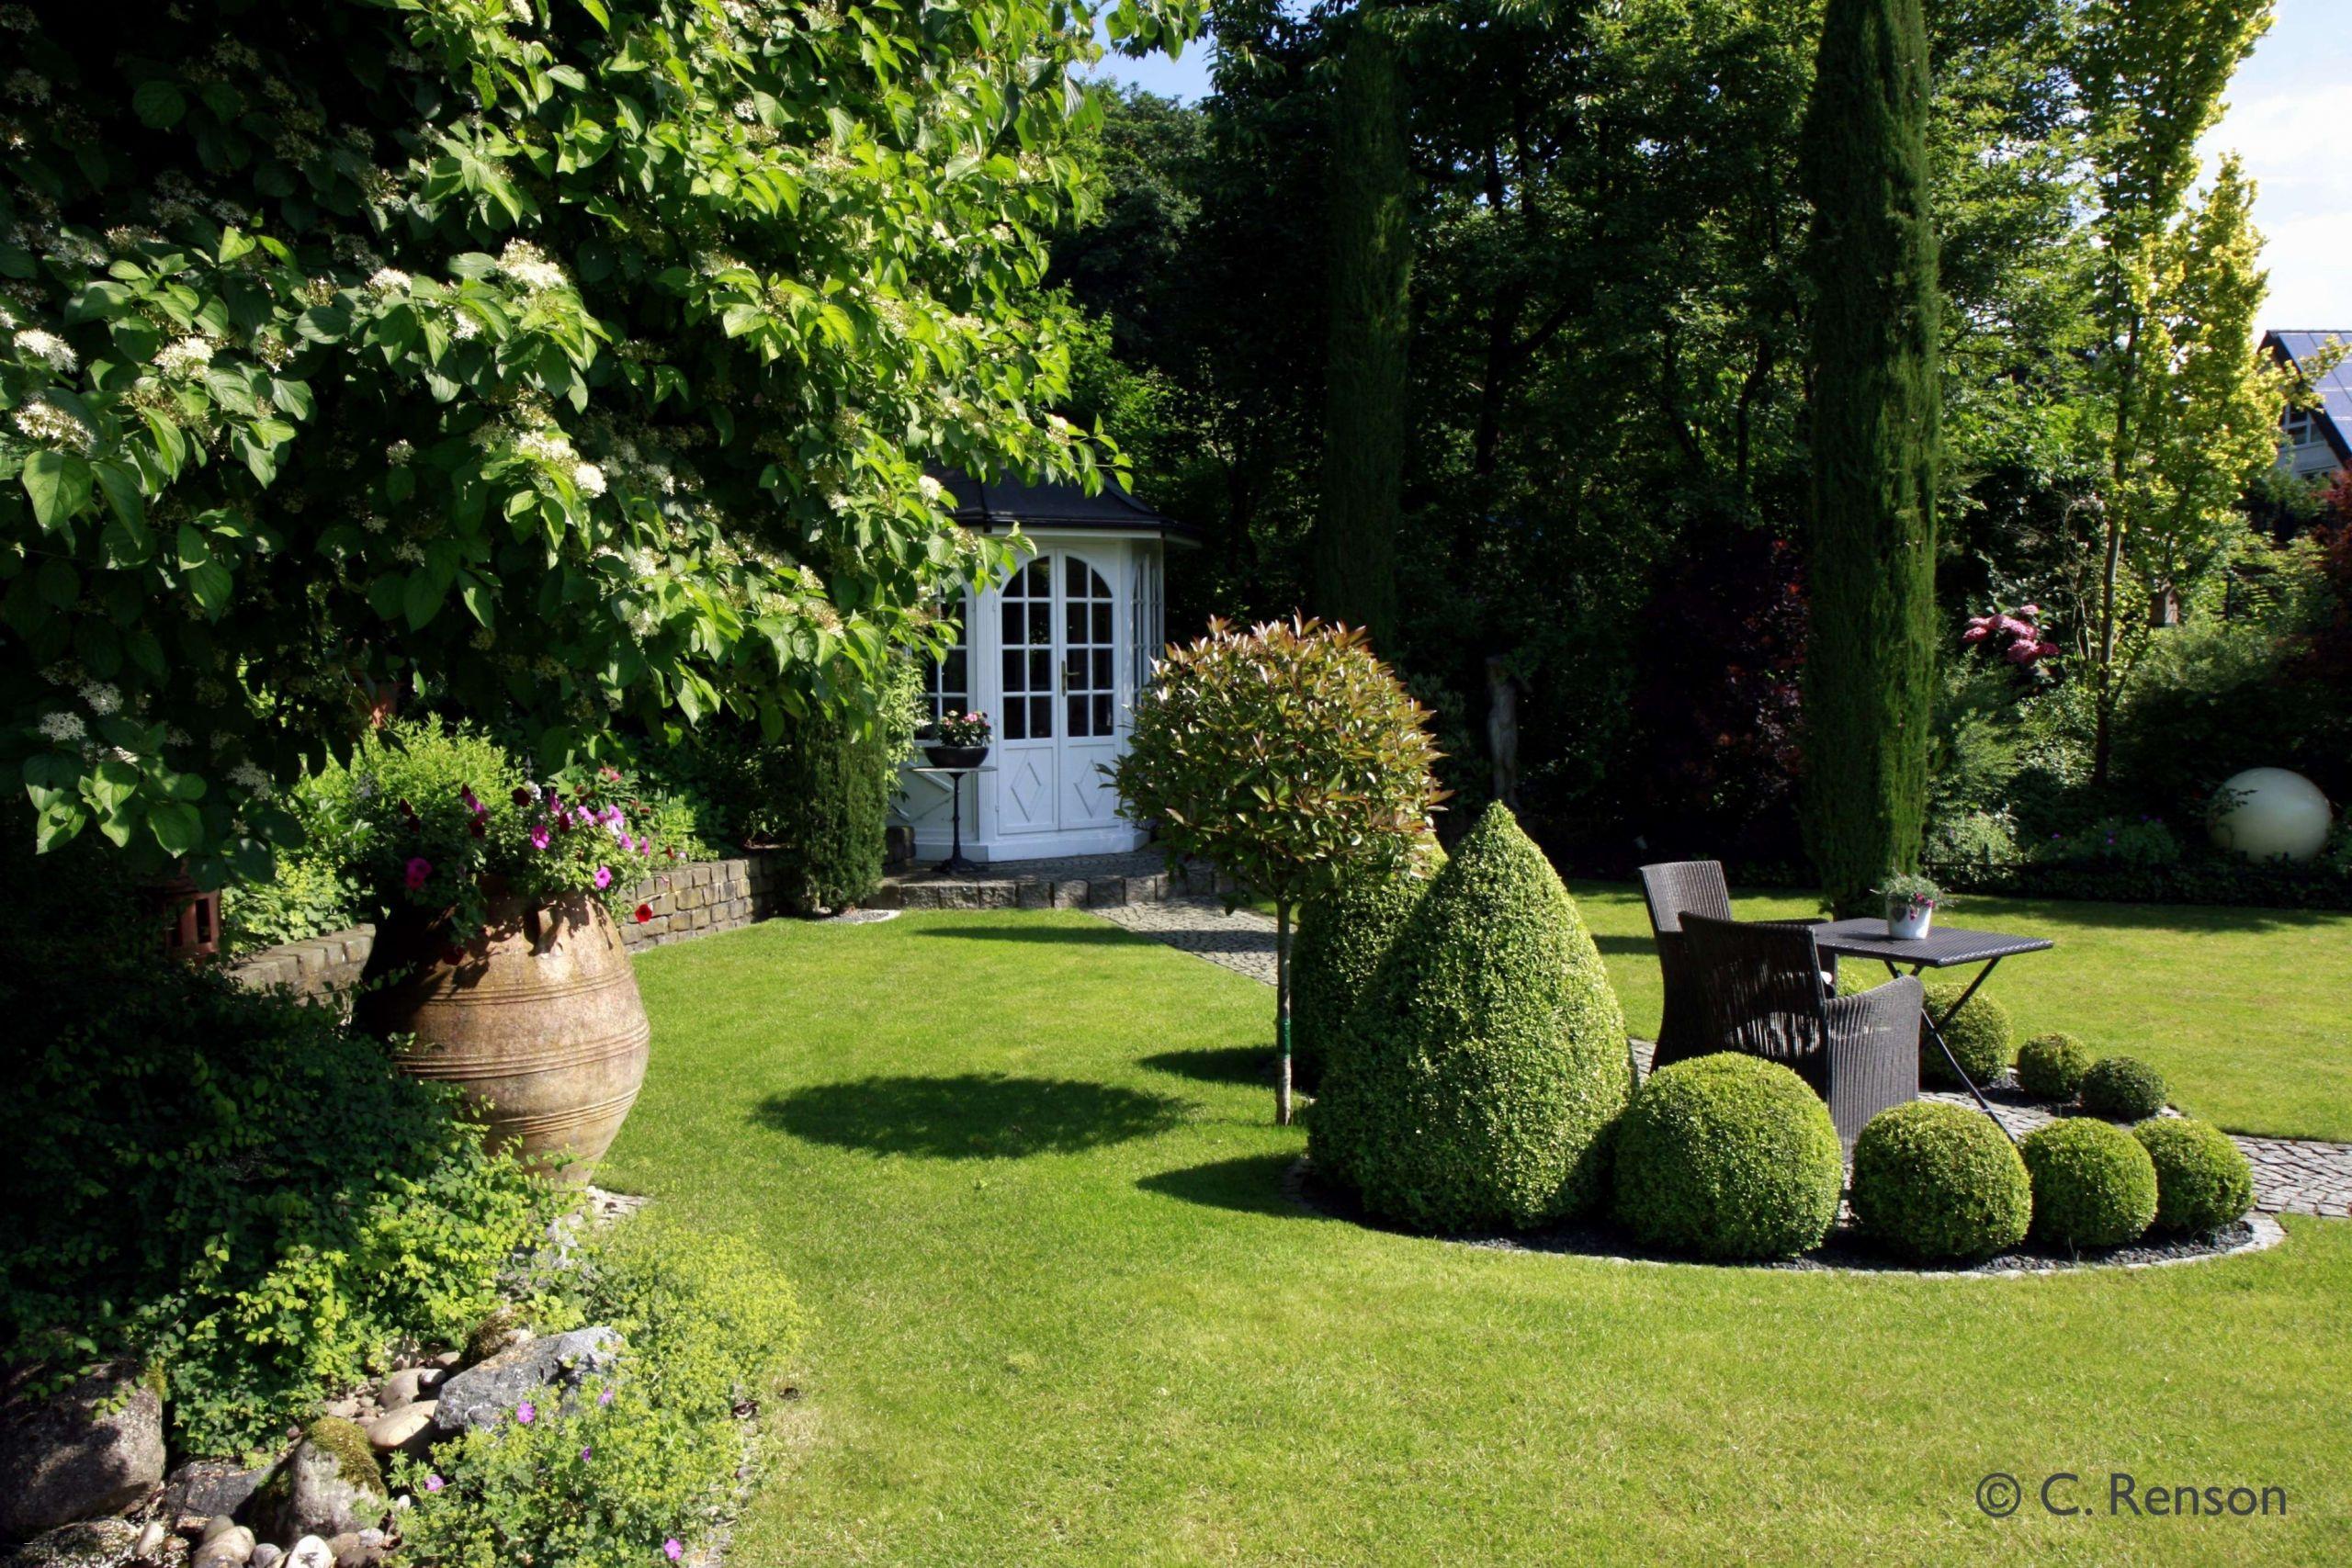 Gartengestaltung Reihenhaus Genial Kleine Gärten Gestalten Reihenhaus — Temobardz Home Blog